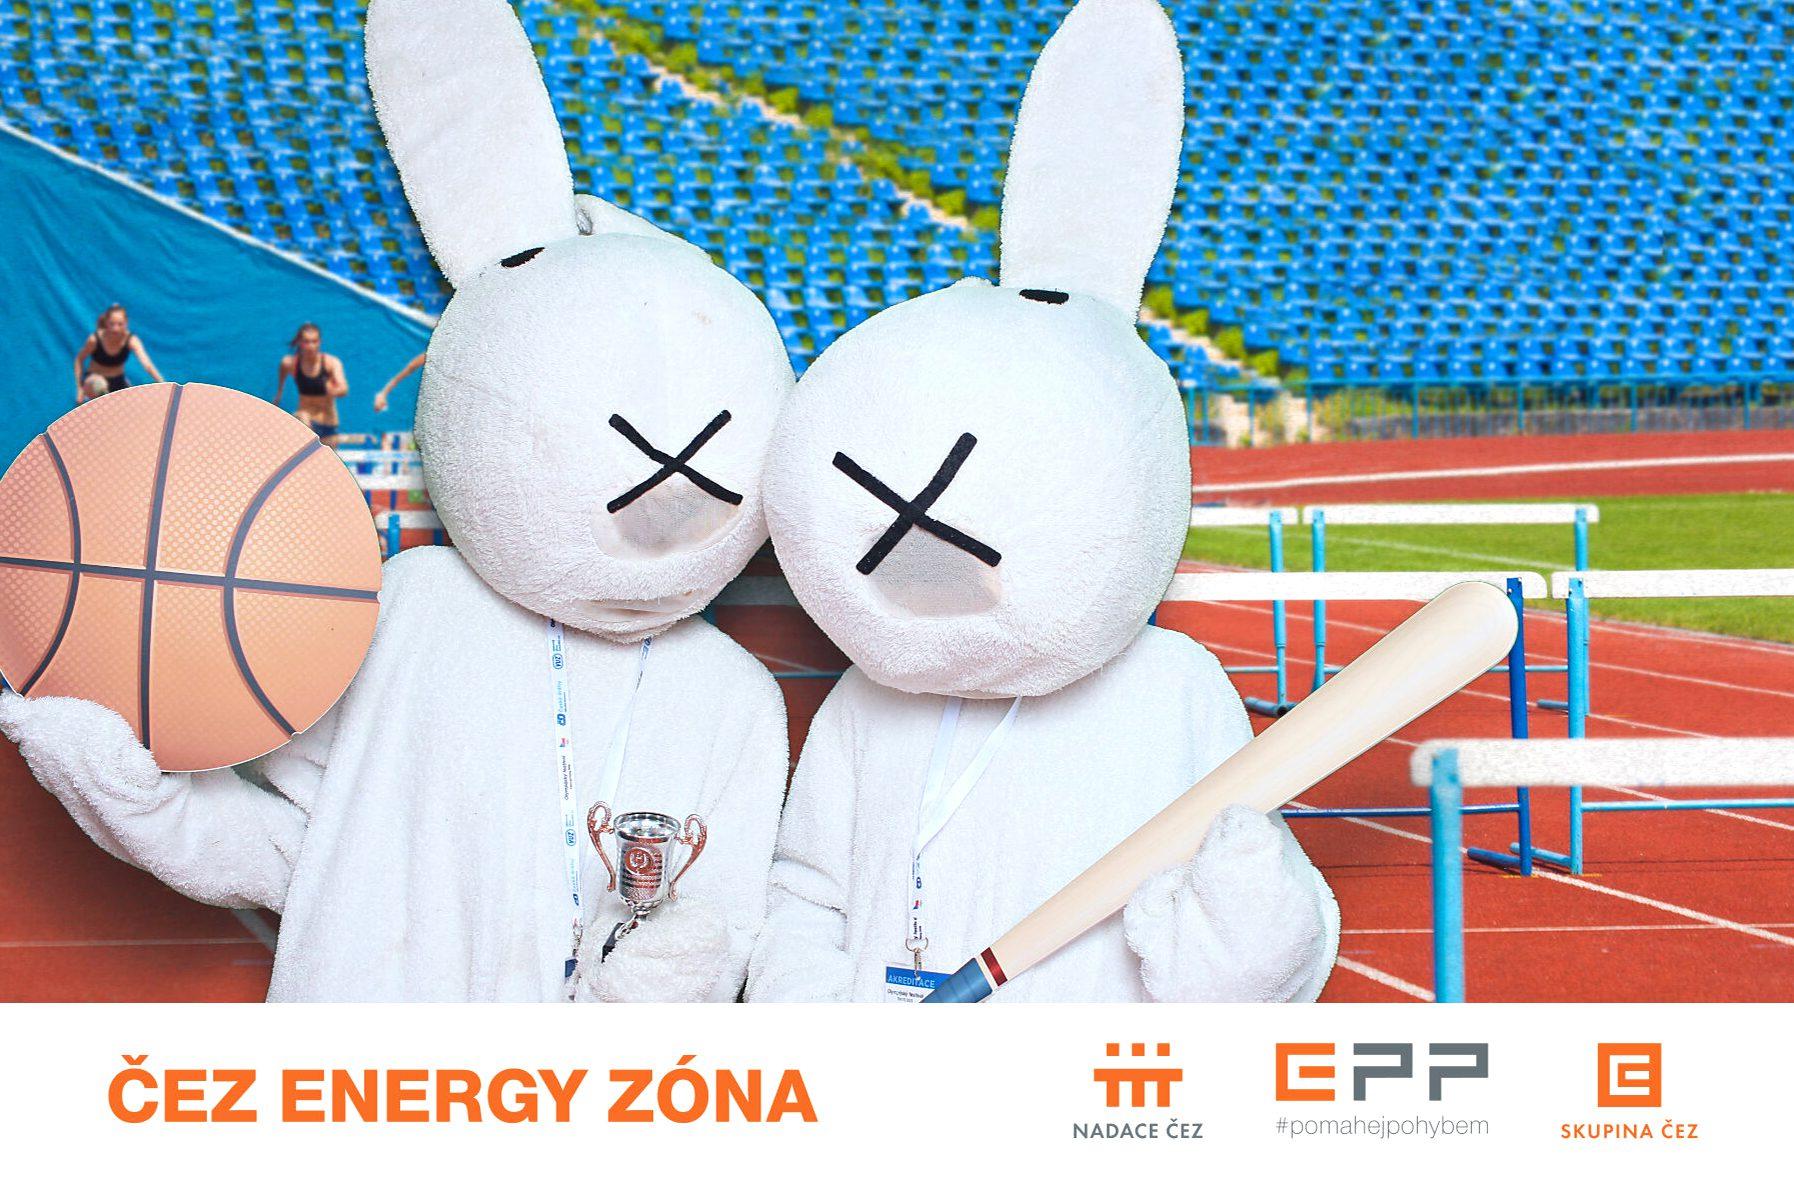 fotokoutek-olympijsky-festival-olympijsky-festival-cez-energy-zona-7-8-2021-740364